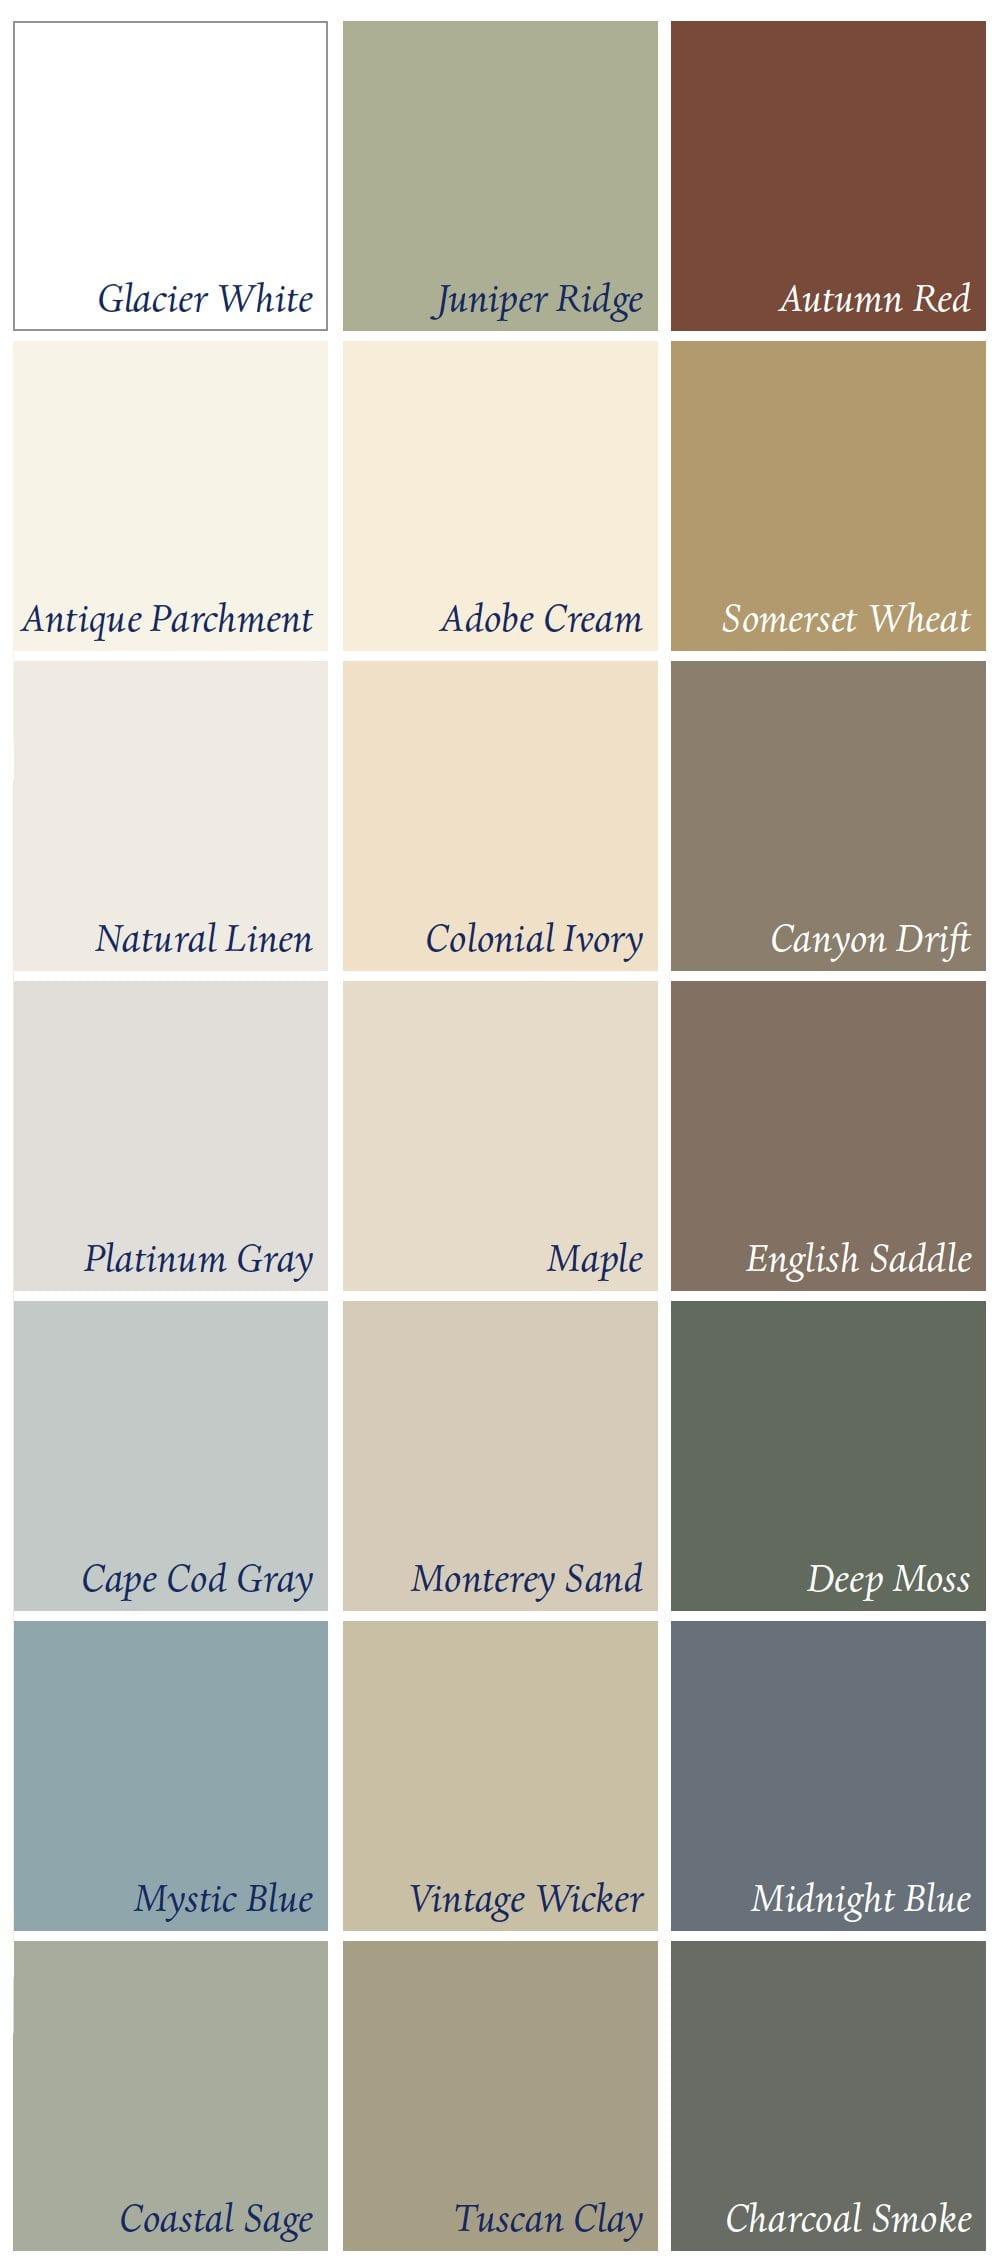 colors - Prodigy Siding